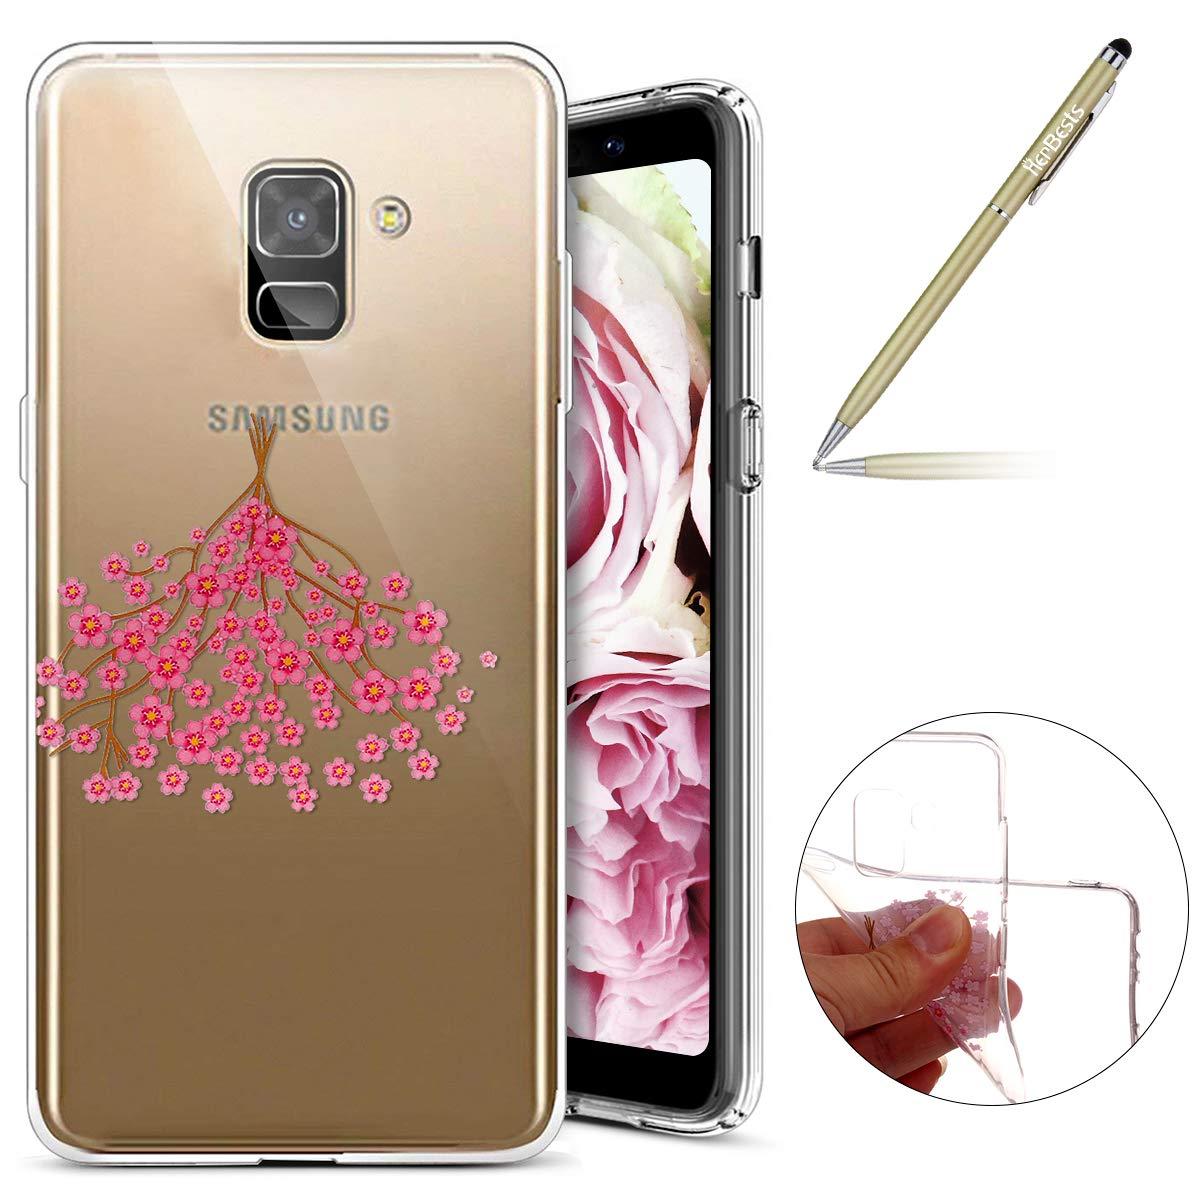 Für Samsung Galaxy A8 2018 Hülle, Durchsichtige Schutzhülle für Samsung Galaxy A8 2018, Samsung Galaxy A8 2018 Silikon Hülle Blumen, Herbests Schönes Bunte Kirschblüten Rosa Blumen Floral Handyhülle Ultra Slim Crystal Clear Silikonhülle Schutzhülle TPU Kir